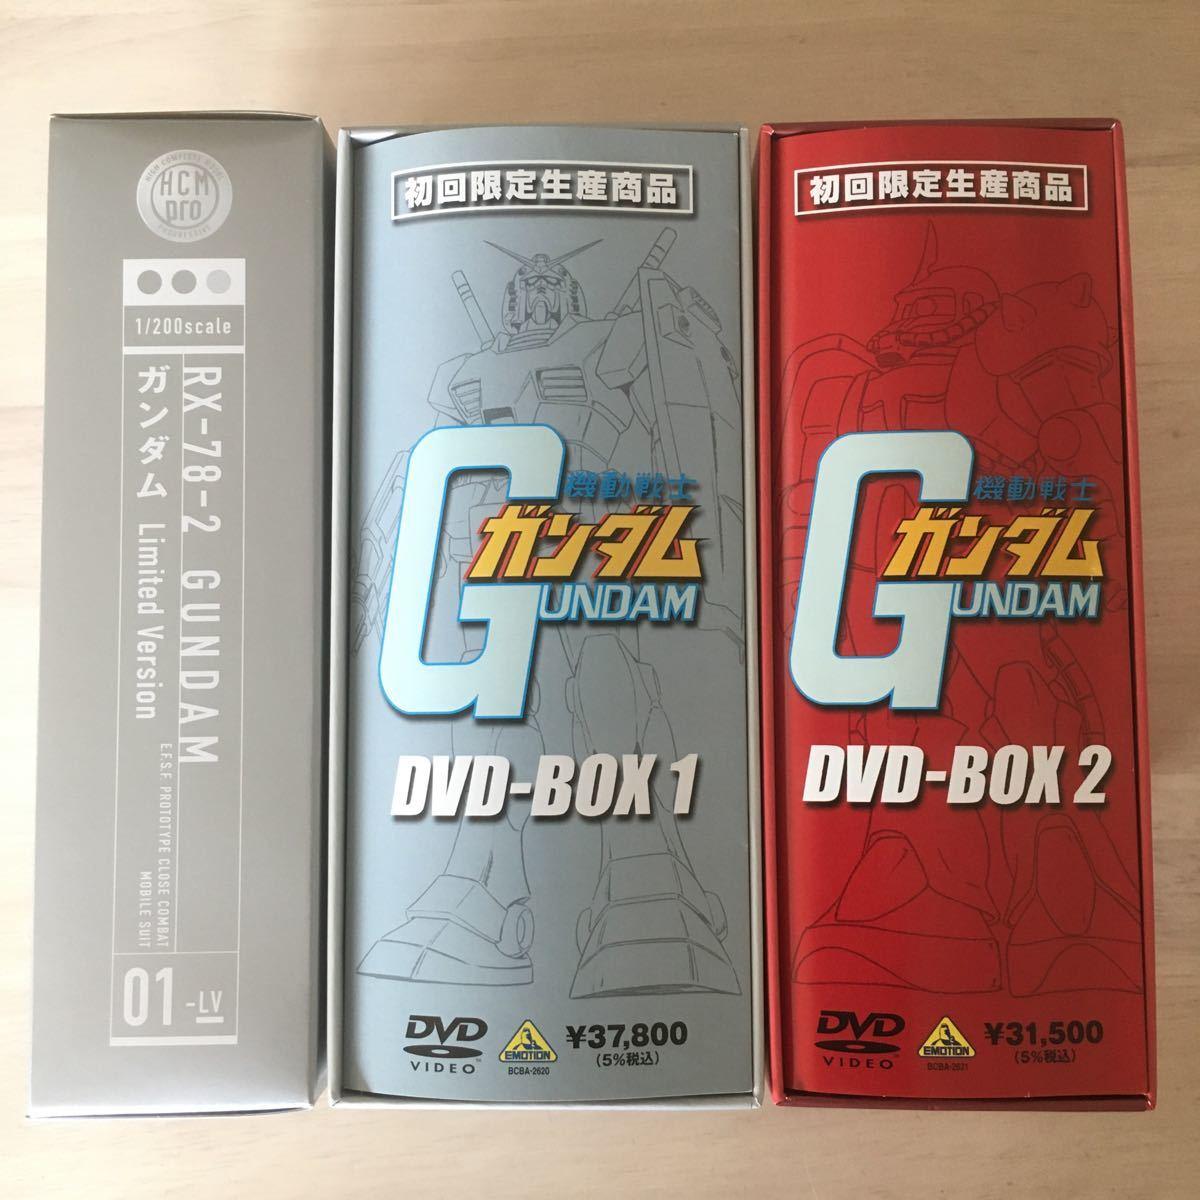 【帯付き・ガンプラ付き】ガンダム DVD-BOX 1・BOX 2〈初回限定生産〉